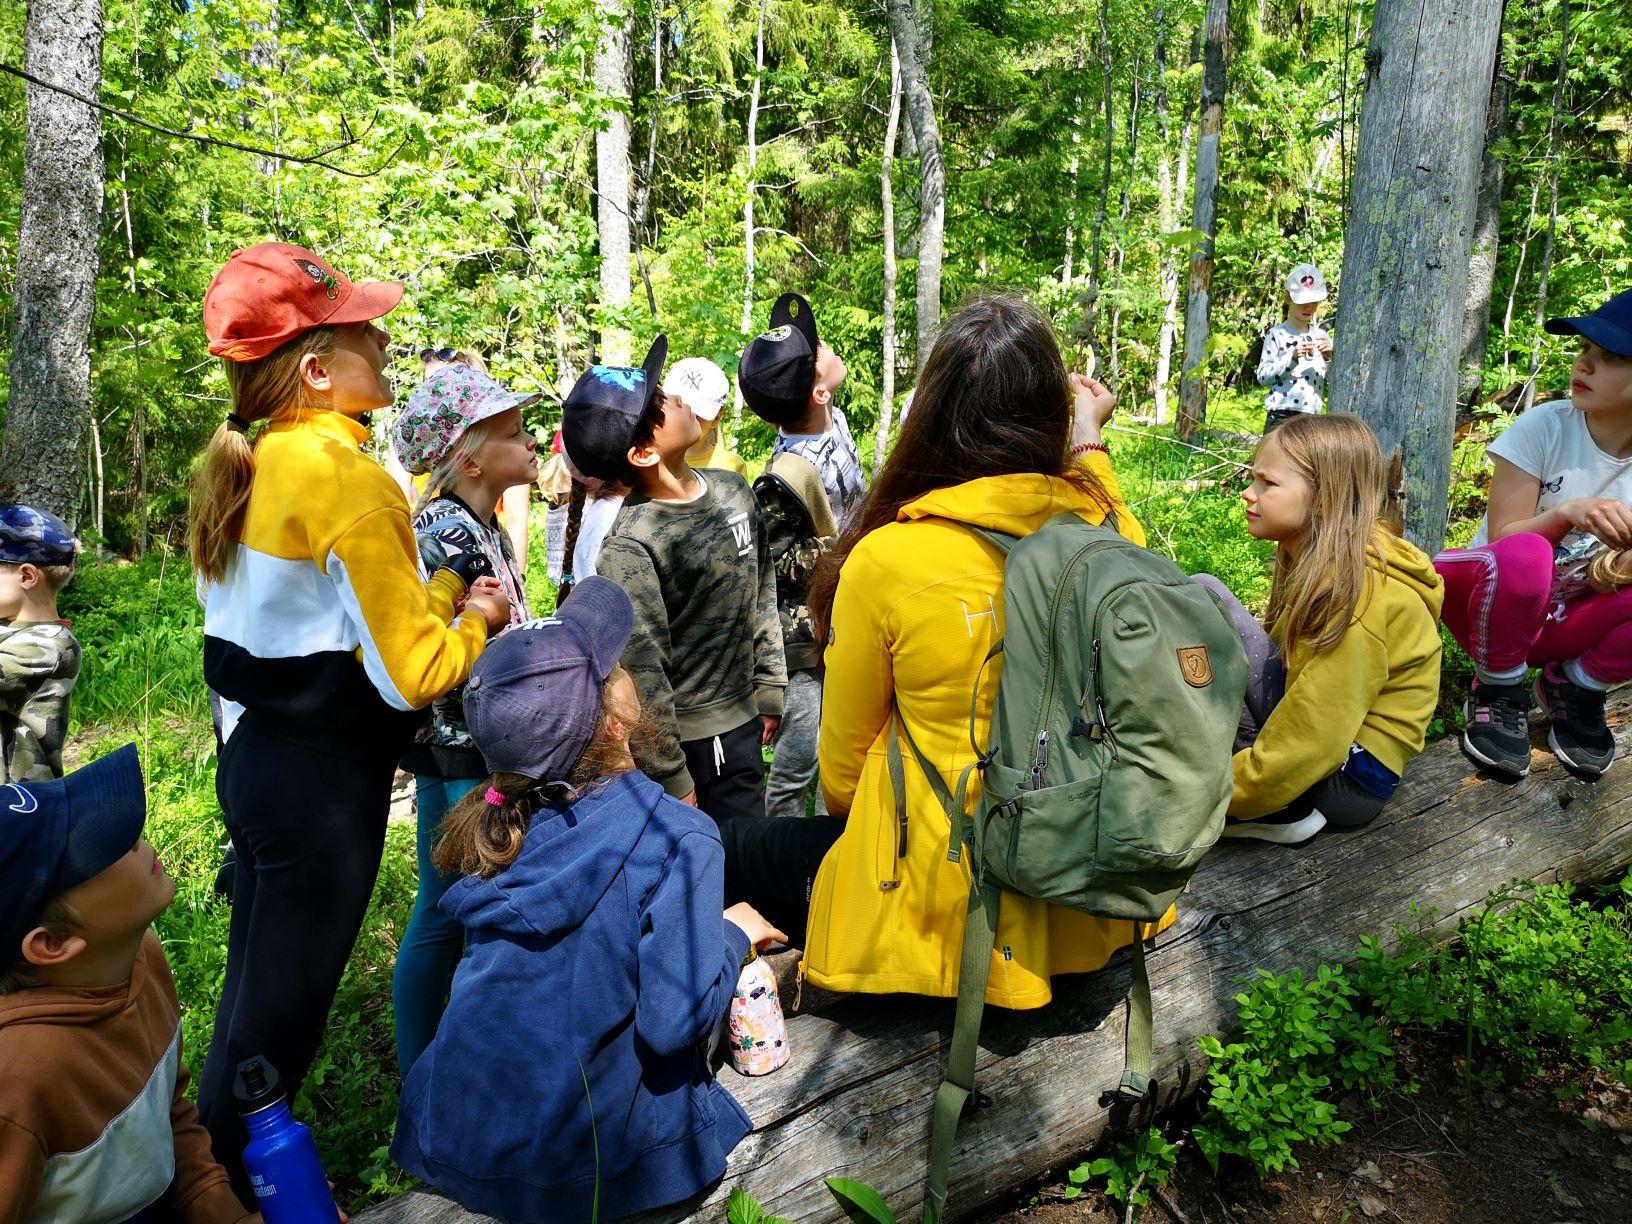 Lapset ja leirinohjaaja katselevat ylös puun runkoa pitkin.